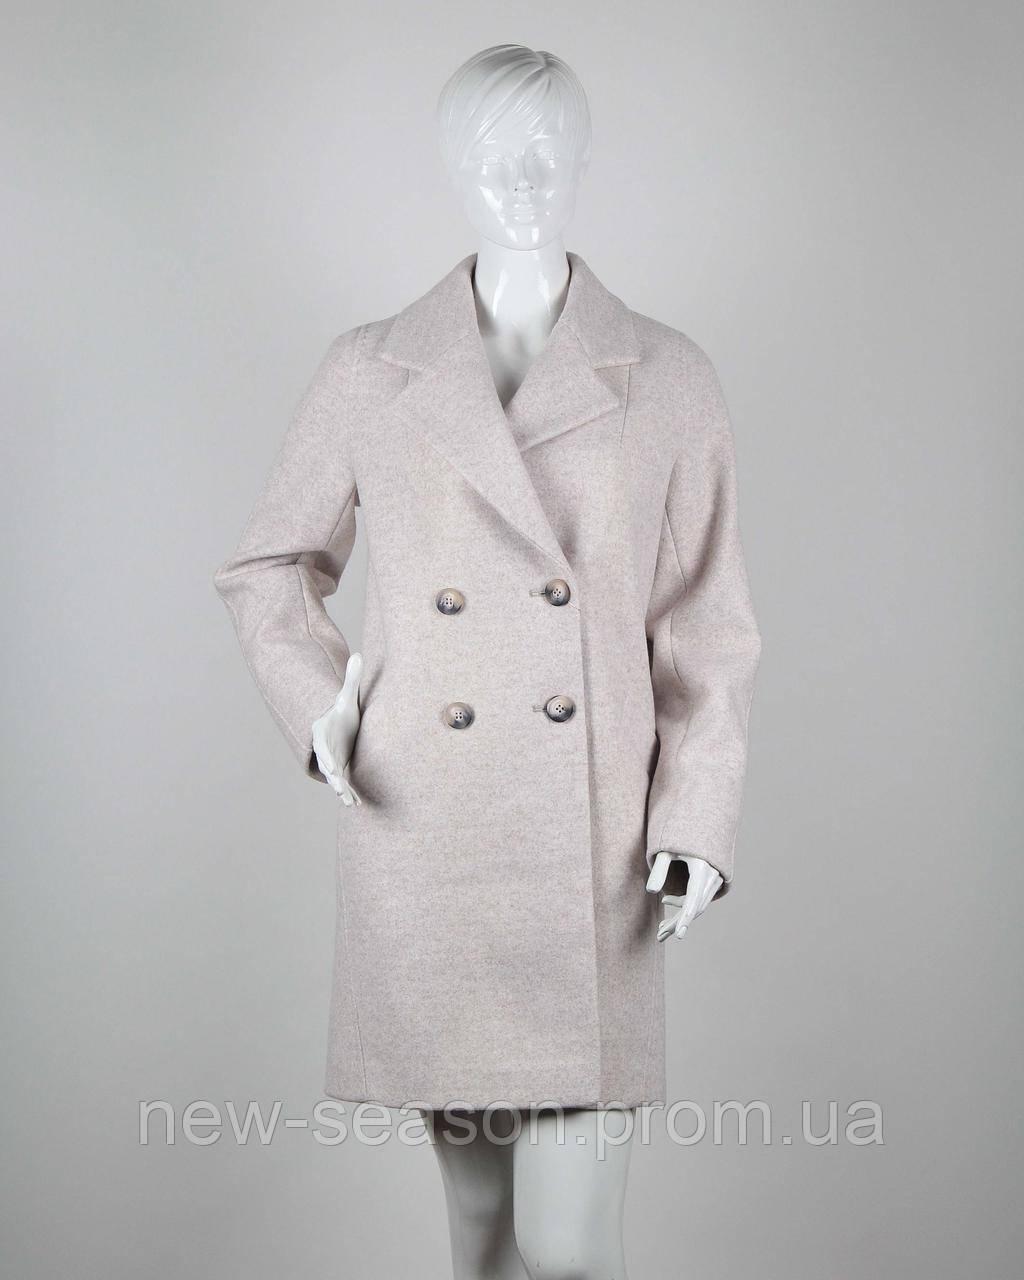 Пальто шерстяное SILLIN COLLECTION 7099 кремовый